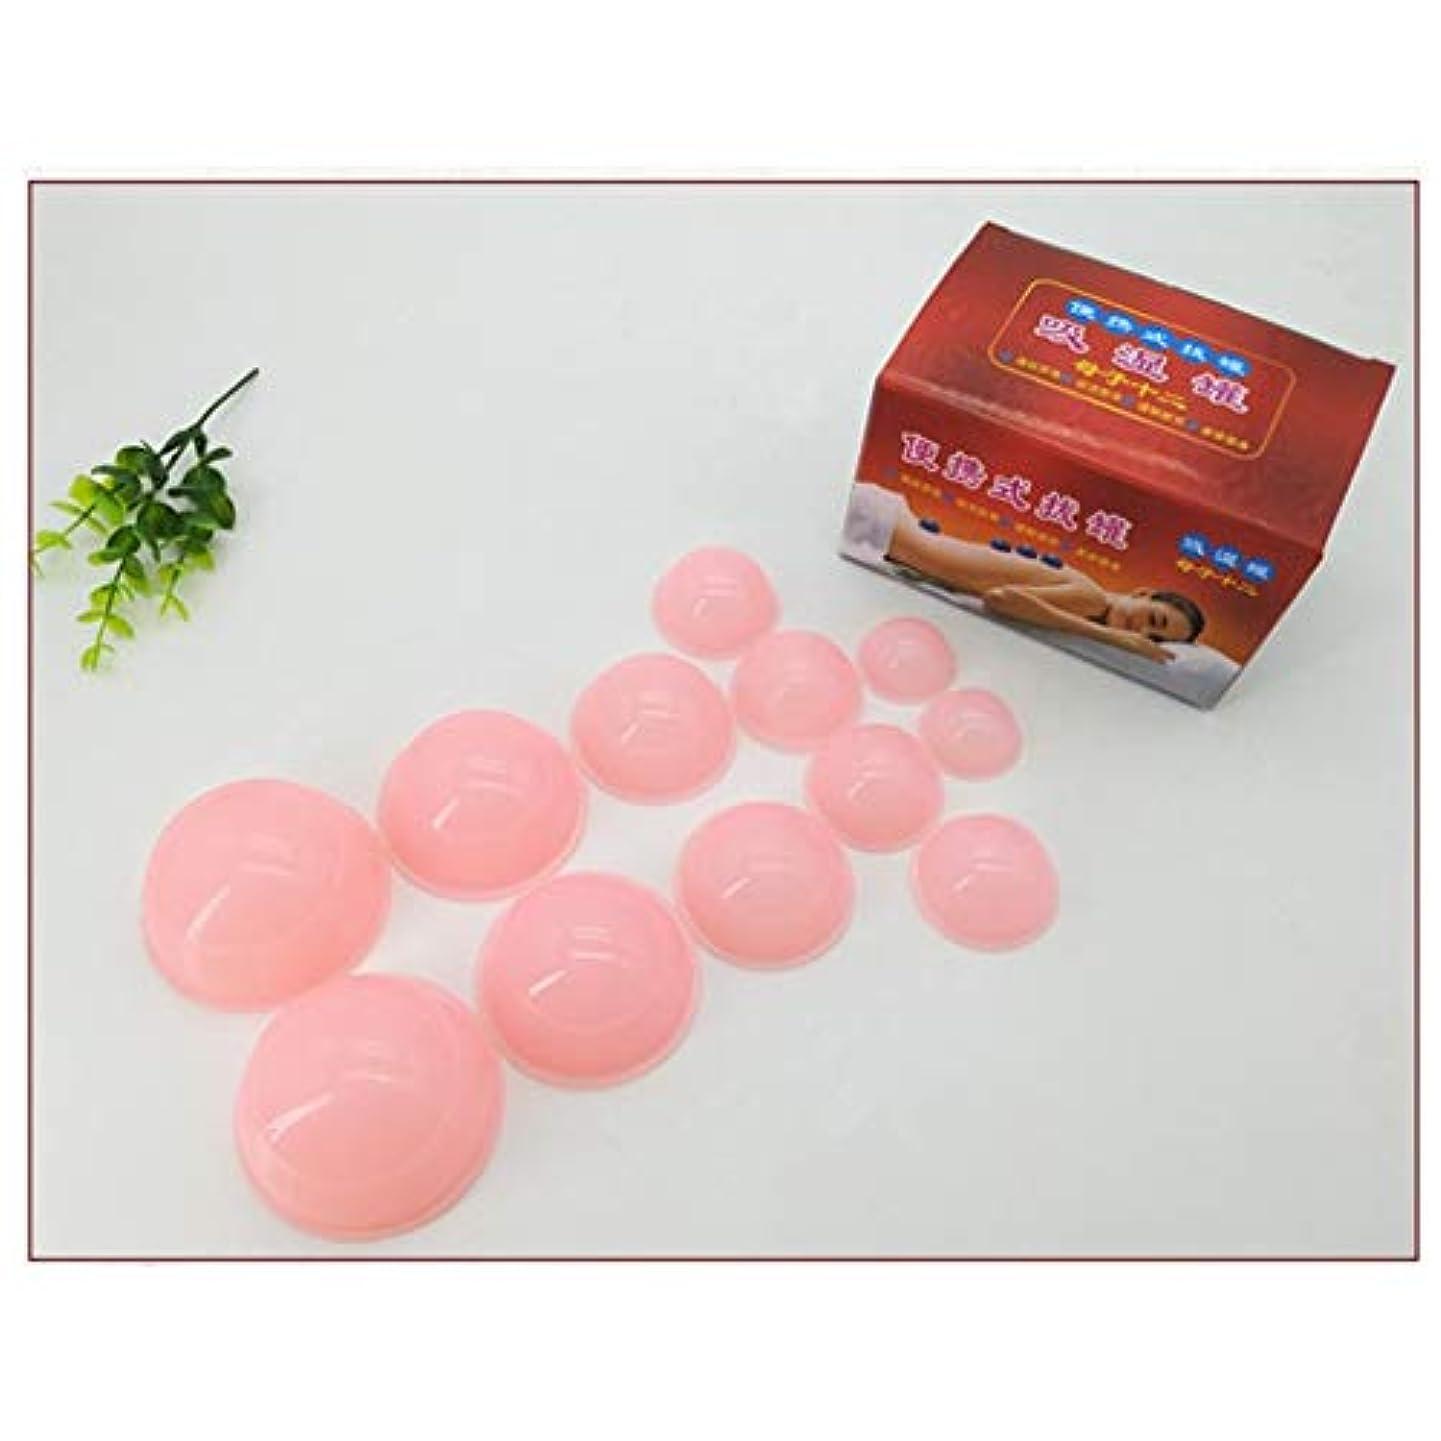 暴行渦オーラルアンチセルライトカップ - 真空マッサージキット - シリコーン療法カッピングセット用ボディフェイスホームスパヘルスケア12ピース,Pink